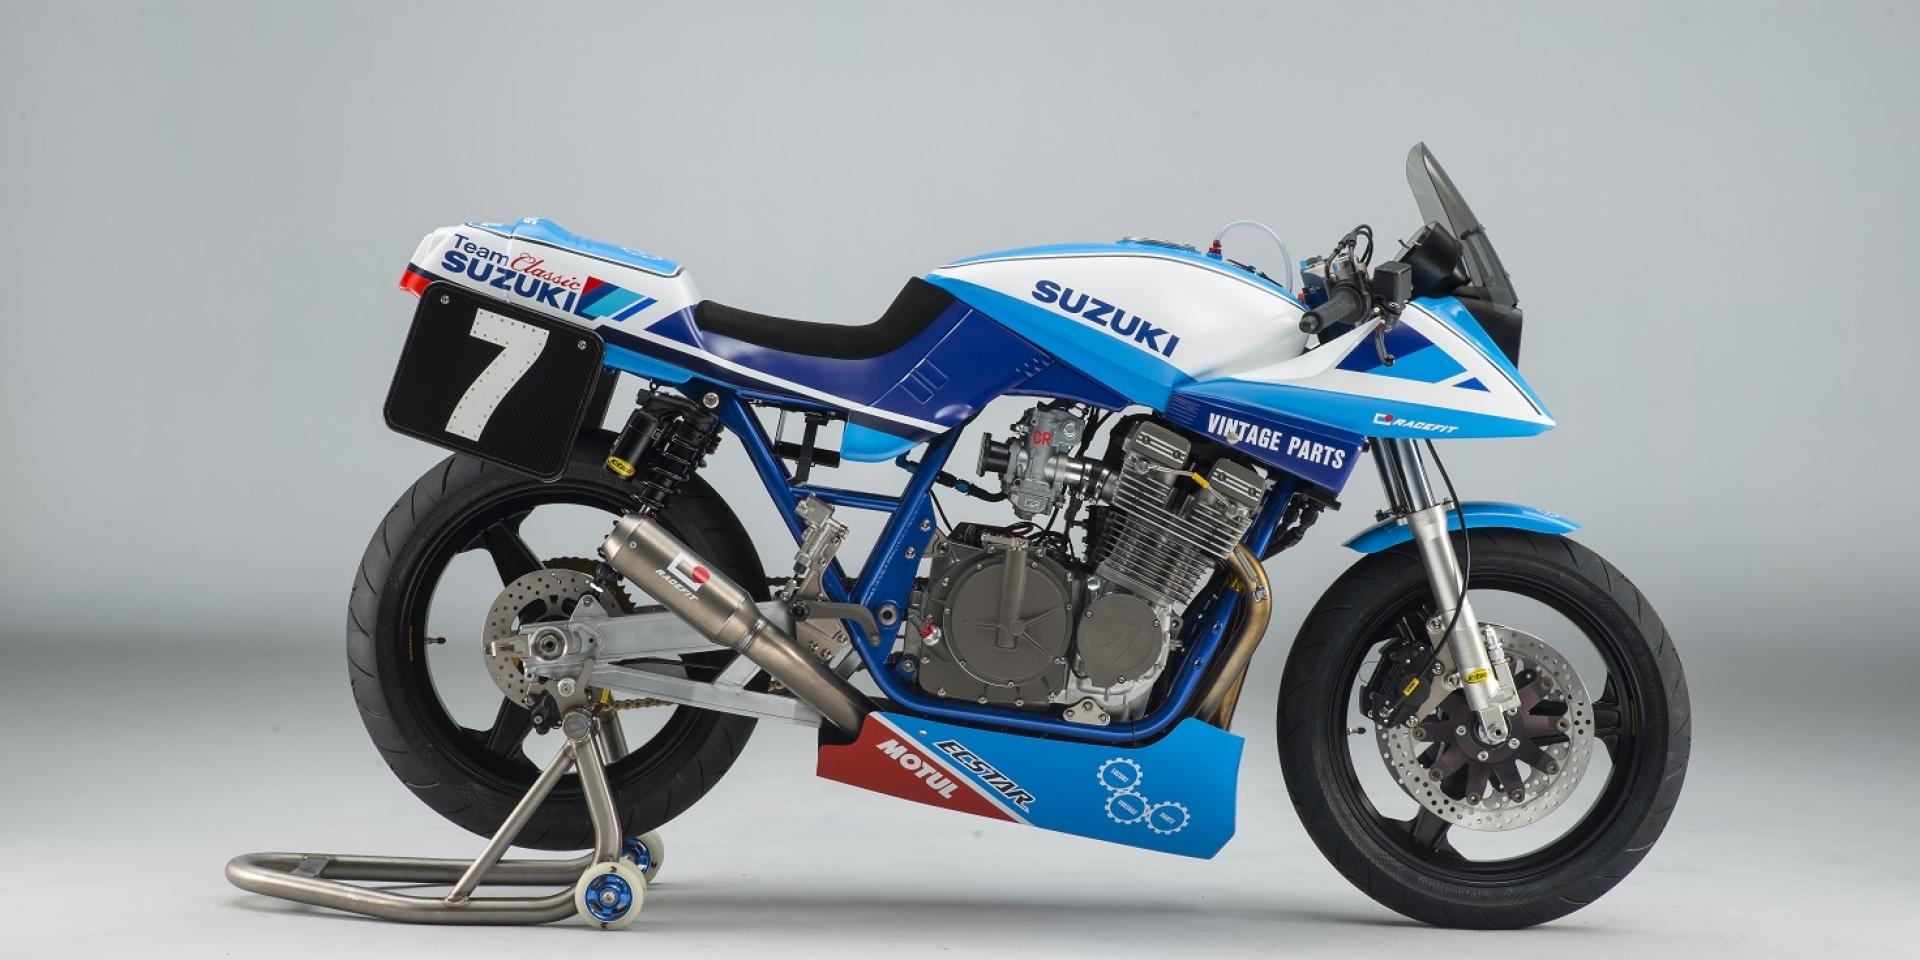 經典對決。SUZUKI GSX1100 KATANA 迎戰英國耐久賽